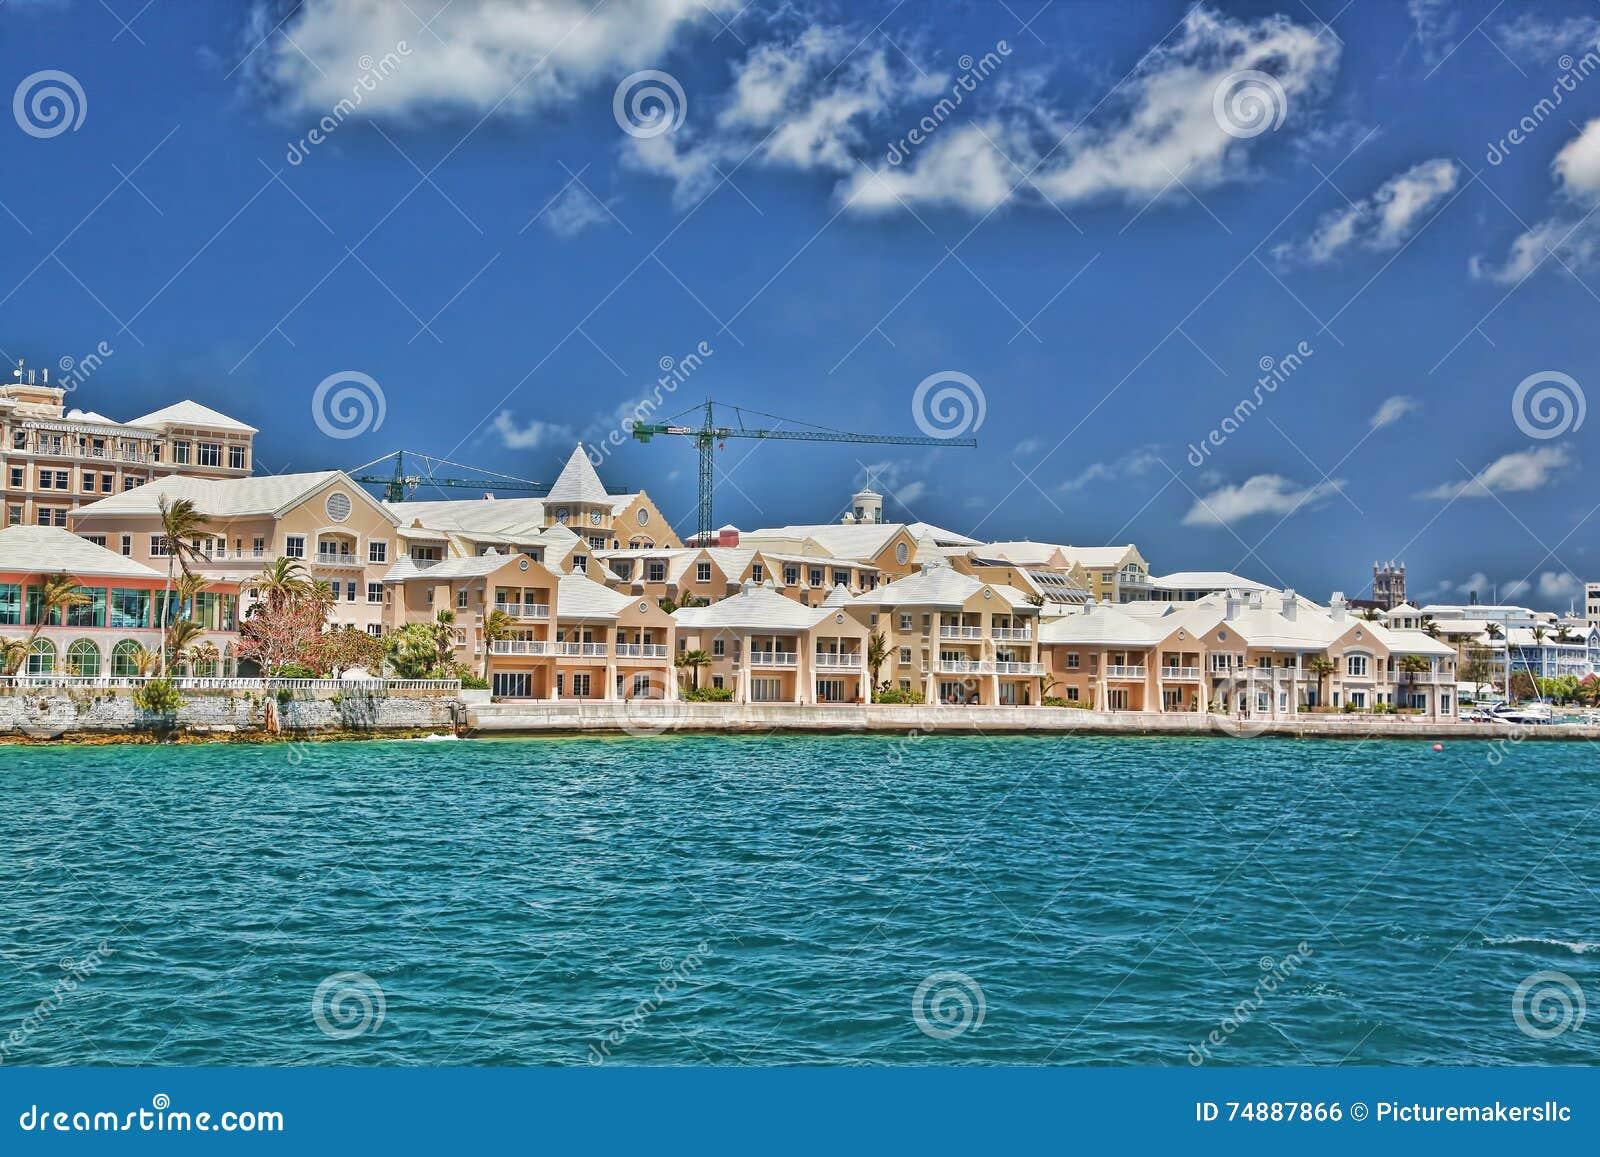 Bermuda Waterfront Condos